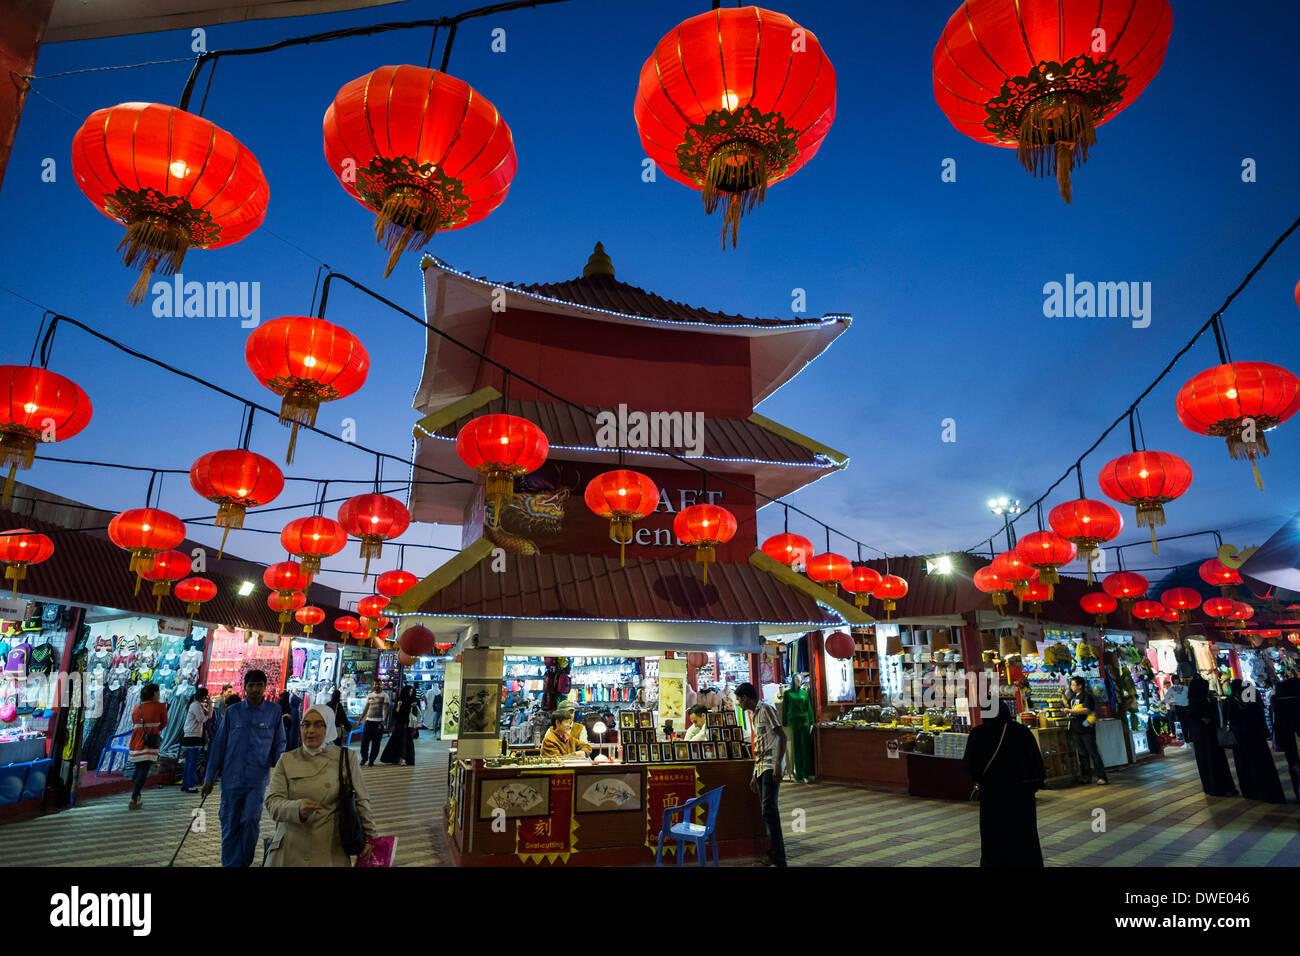 Cina pavilion con lanterne rosse e una galleria di negozi a livello globale e villaggio turistico di attrazione culturale in Dubai Emirati Arabi Uniti Foto Stock